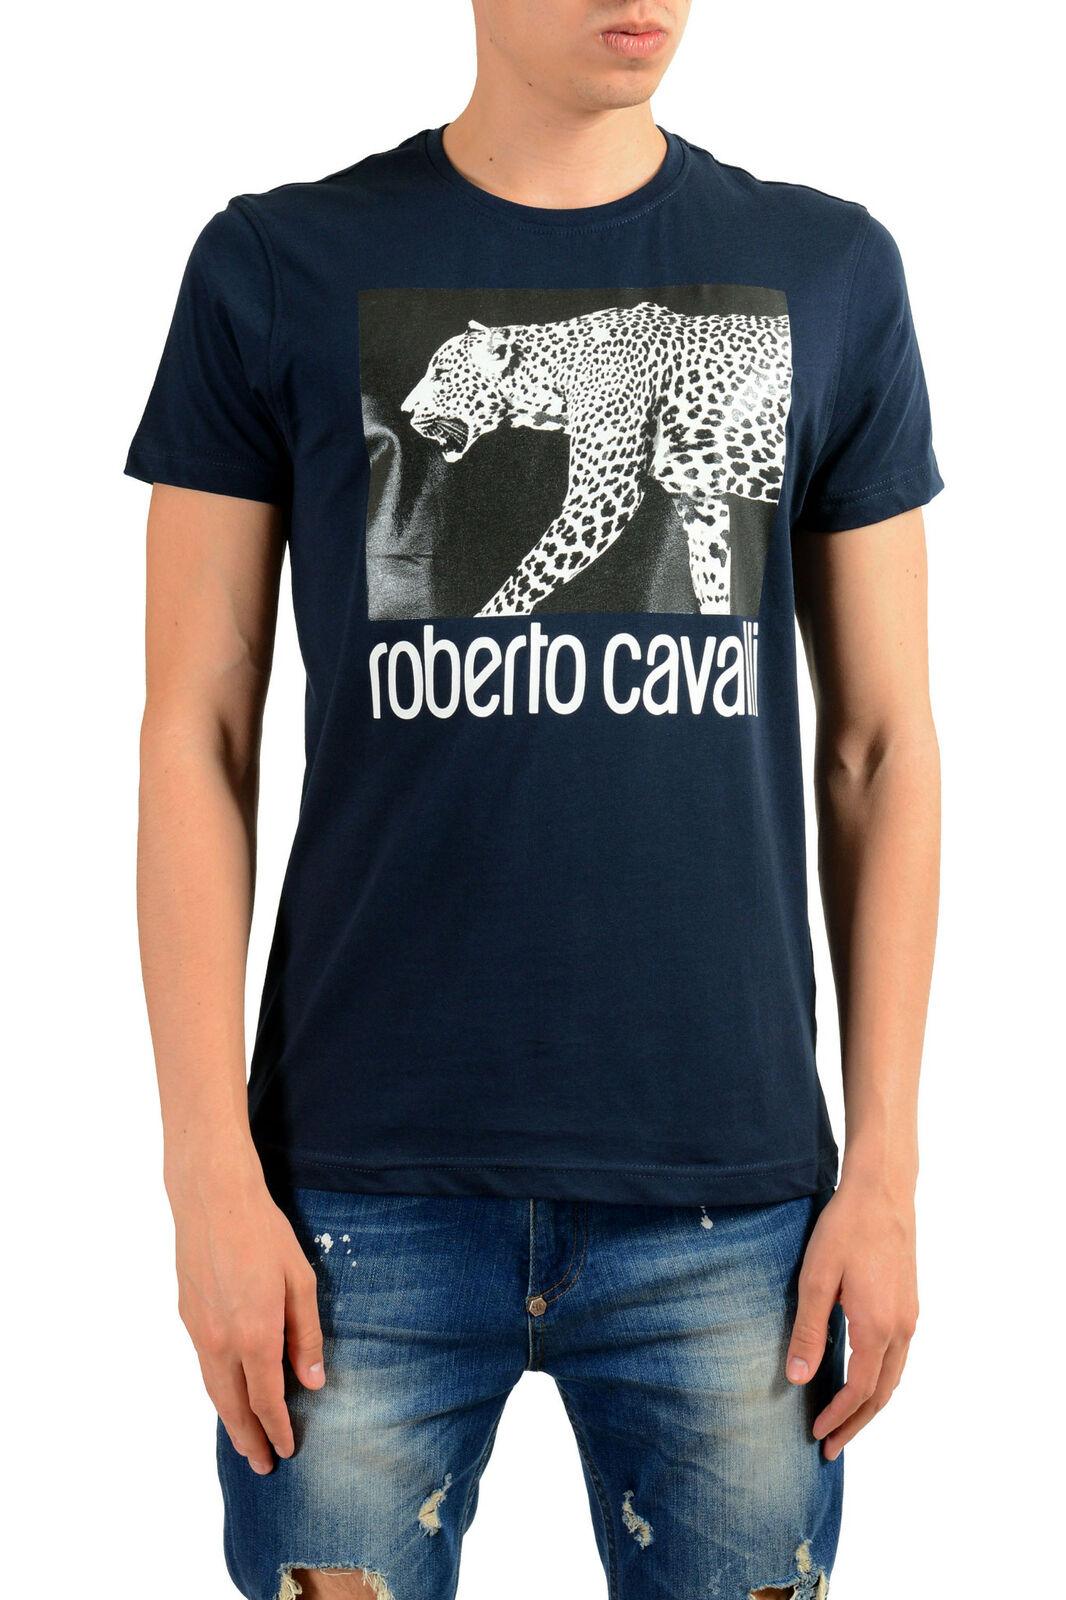 Roberto  Cavalli Hombre Azul Estampado Gráfico Leopardo Camiseta Talla S M L XL  edición limitada en caliente